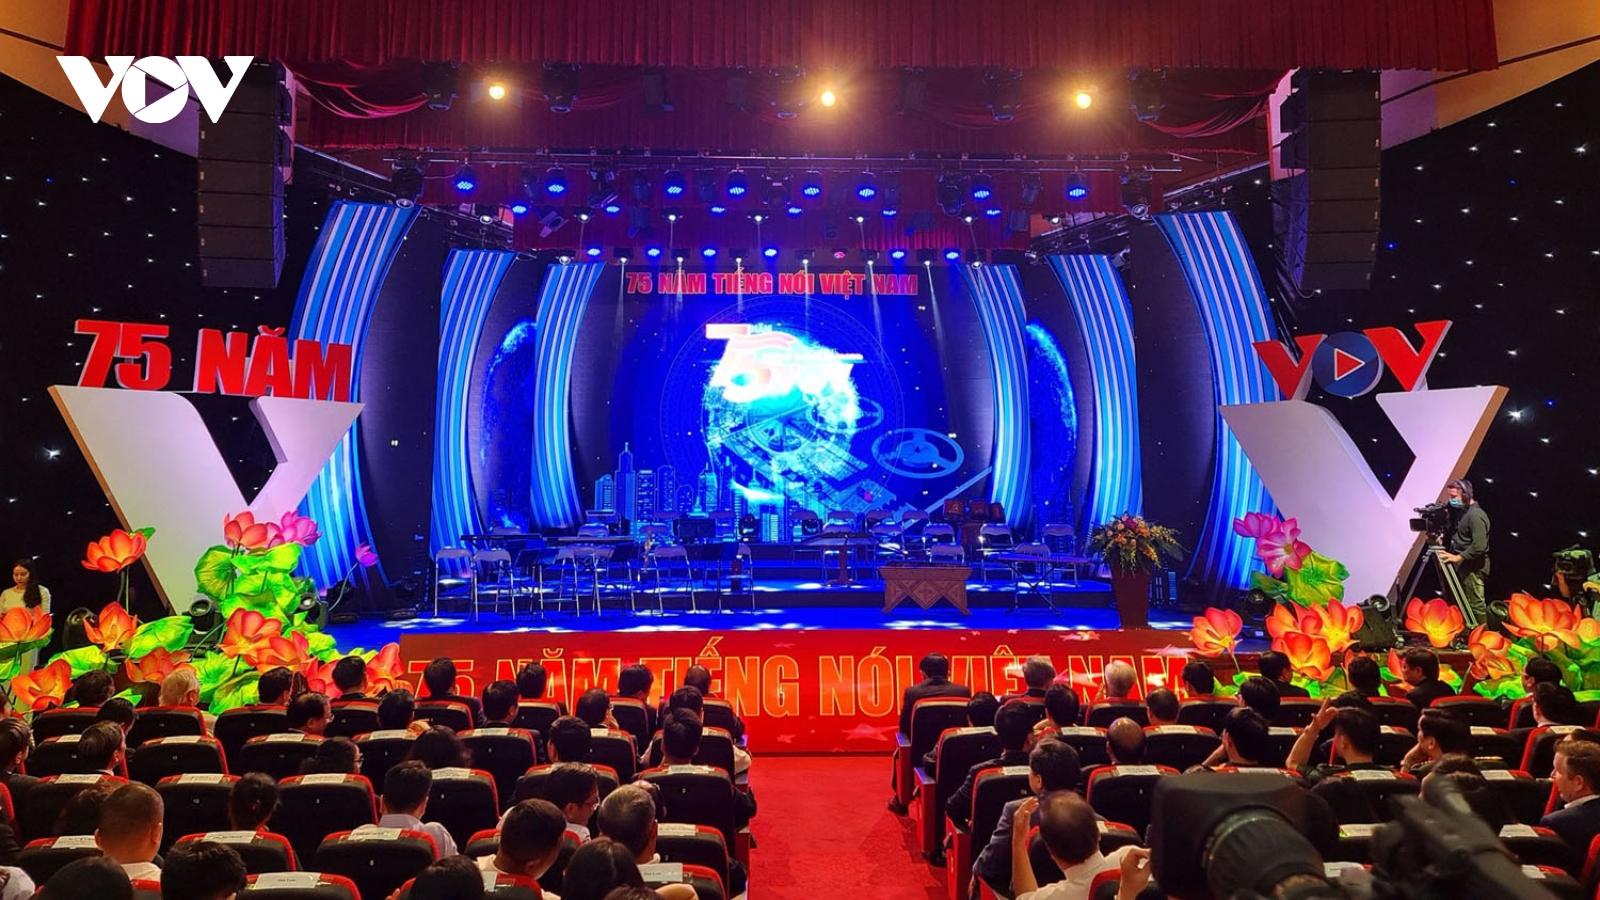 Video: Lễ Kỷ niệm 75 năm ngày thành lập Đài Tiếng nói Việt Nam